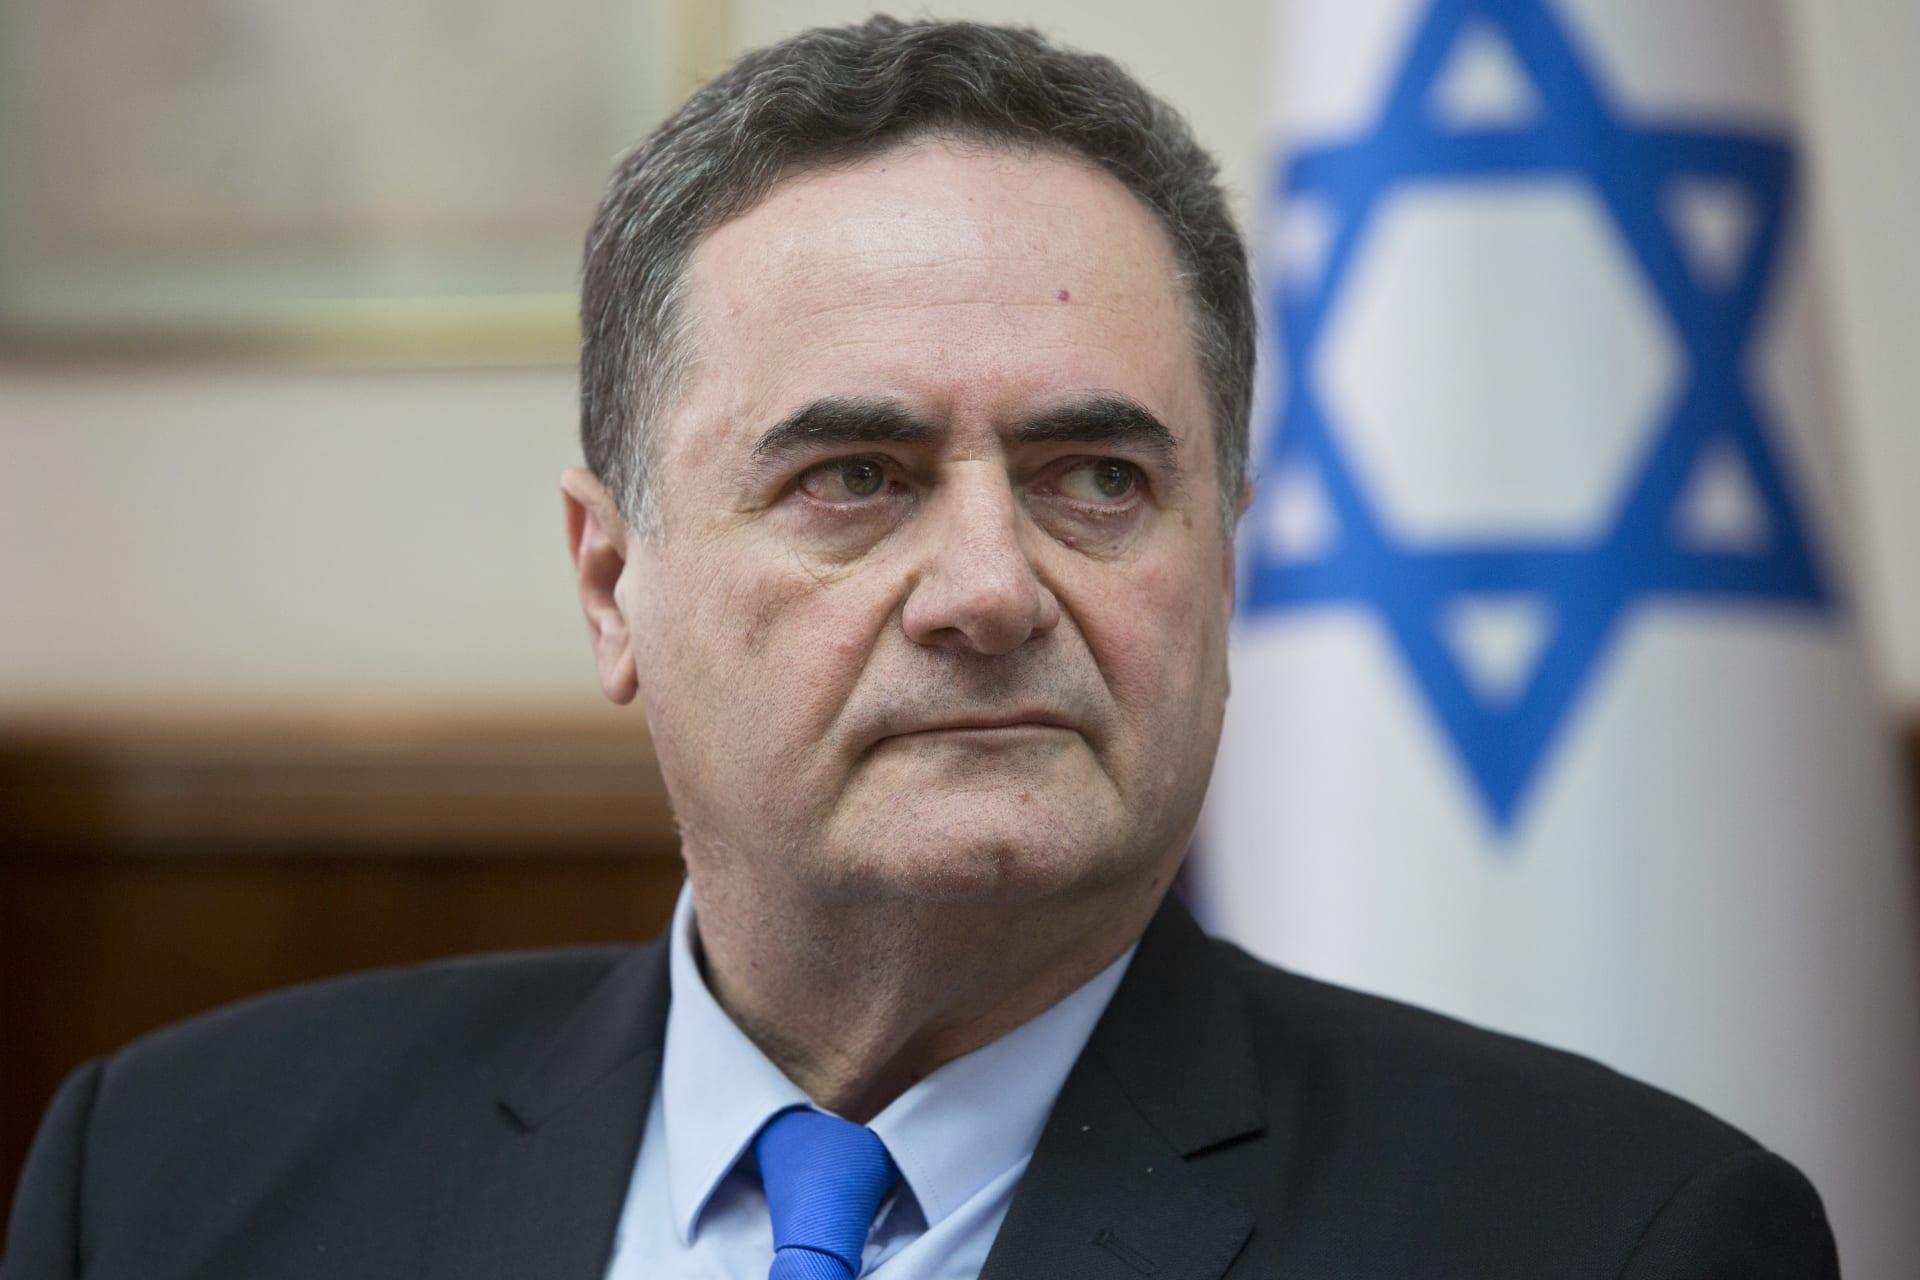 """تمهيدًا لـ""""التطبيع"""".. إسرائيل تعرض مبادرة """"عدم اقتتال"""" على دول الخليج.. ما أبرز بنودها؟"""